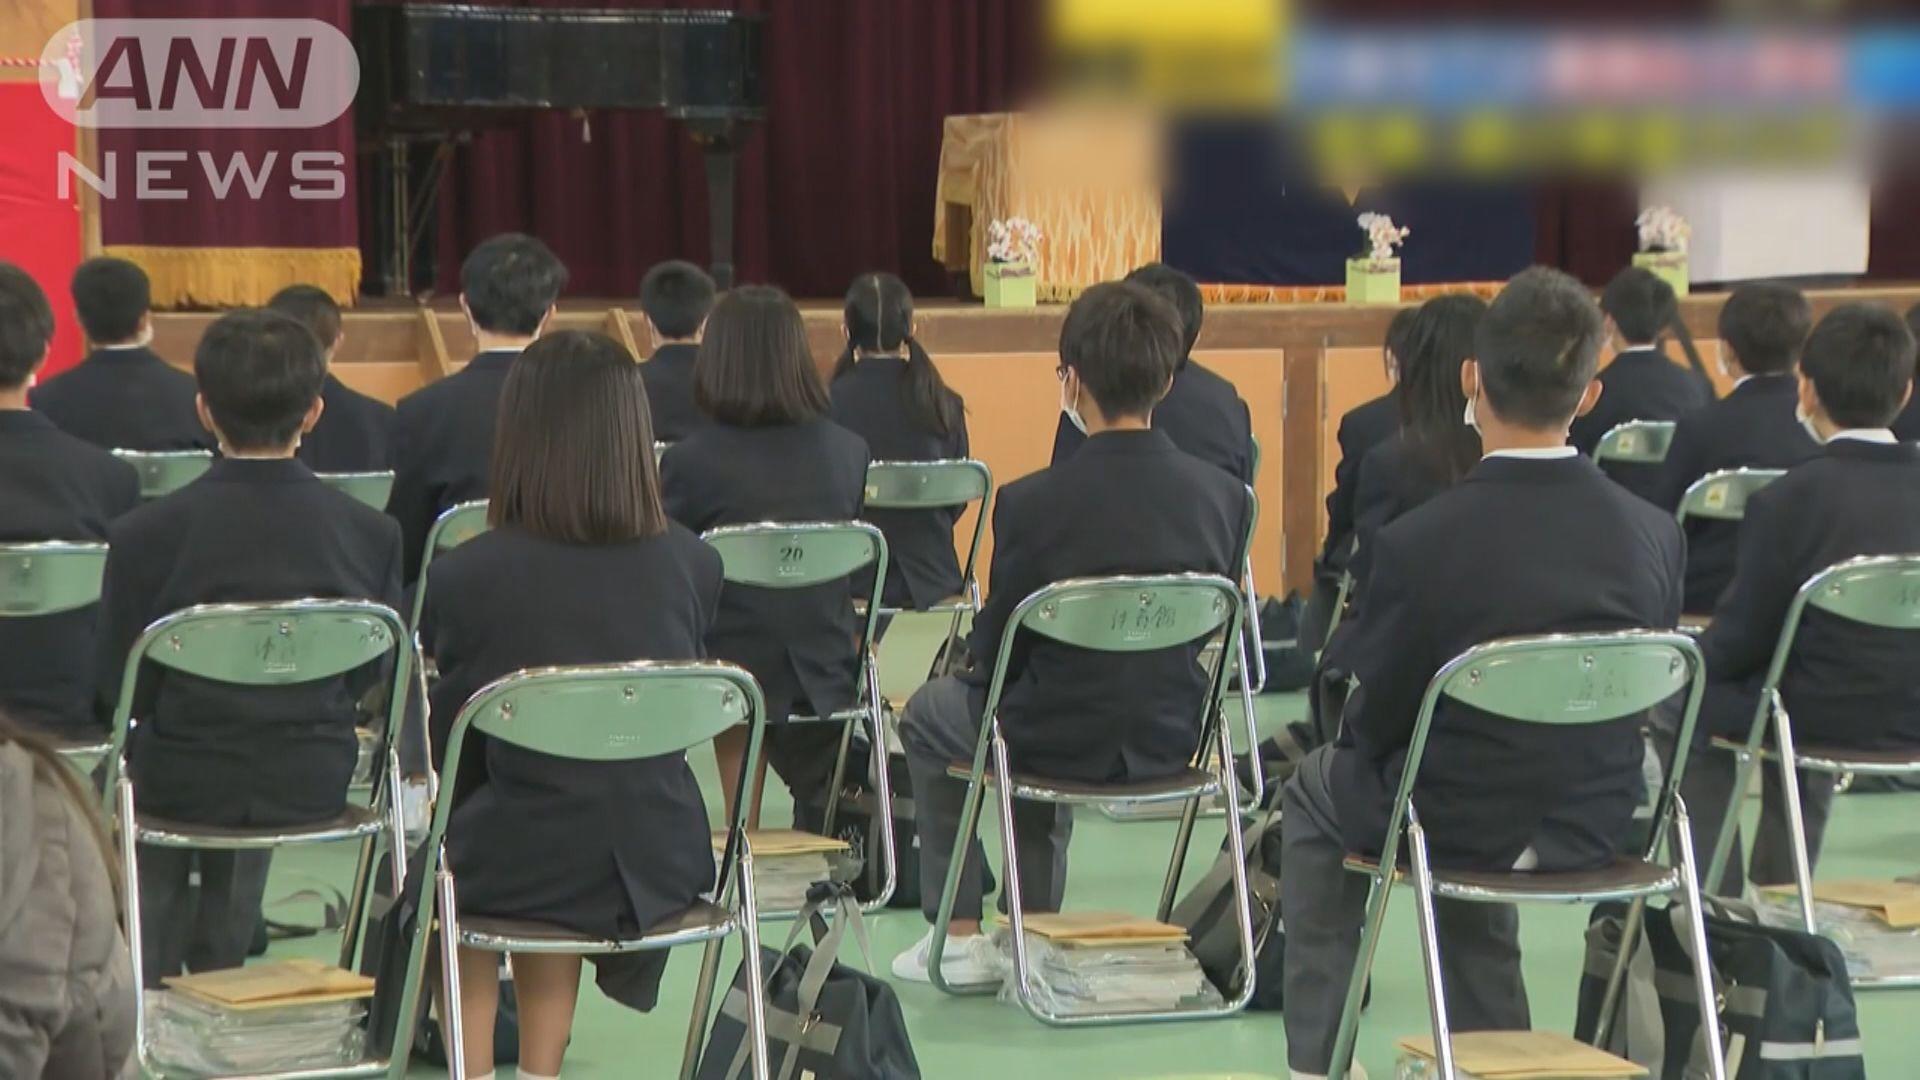 【環球薈報】大阪女生被要求染黑頭髮獲賠33萬日圓